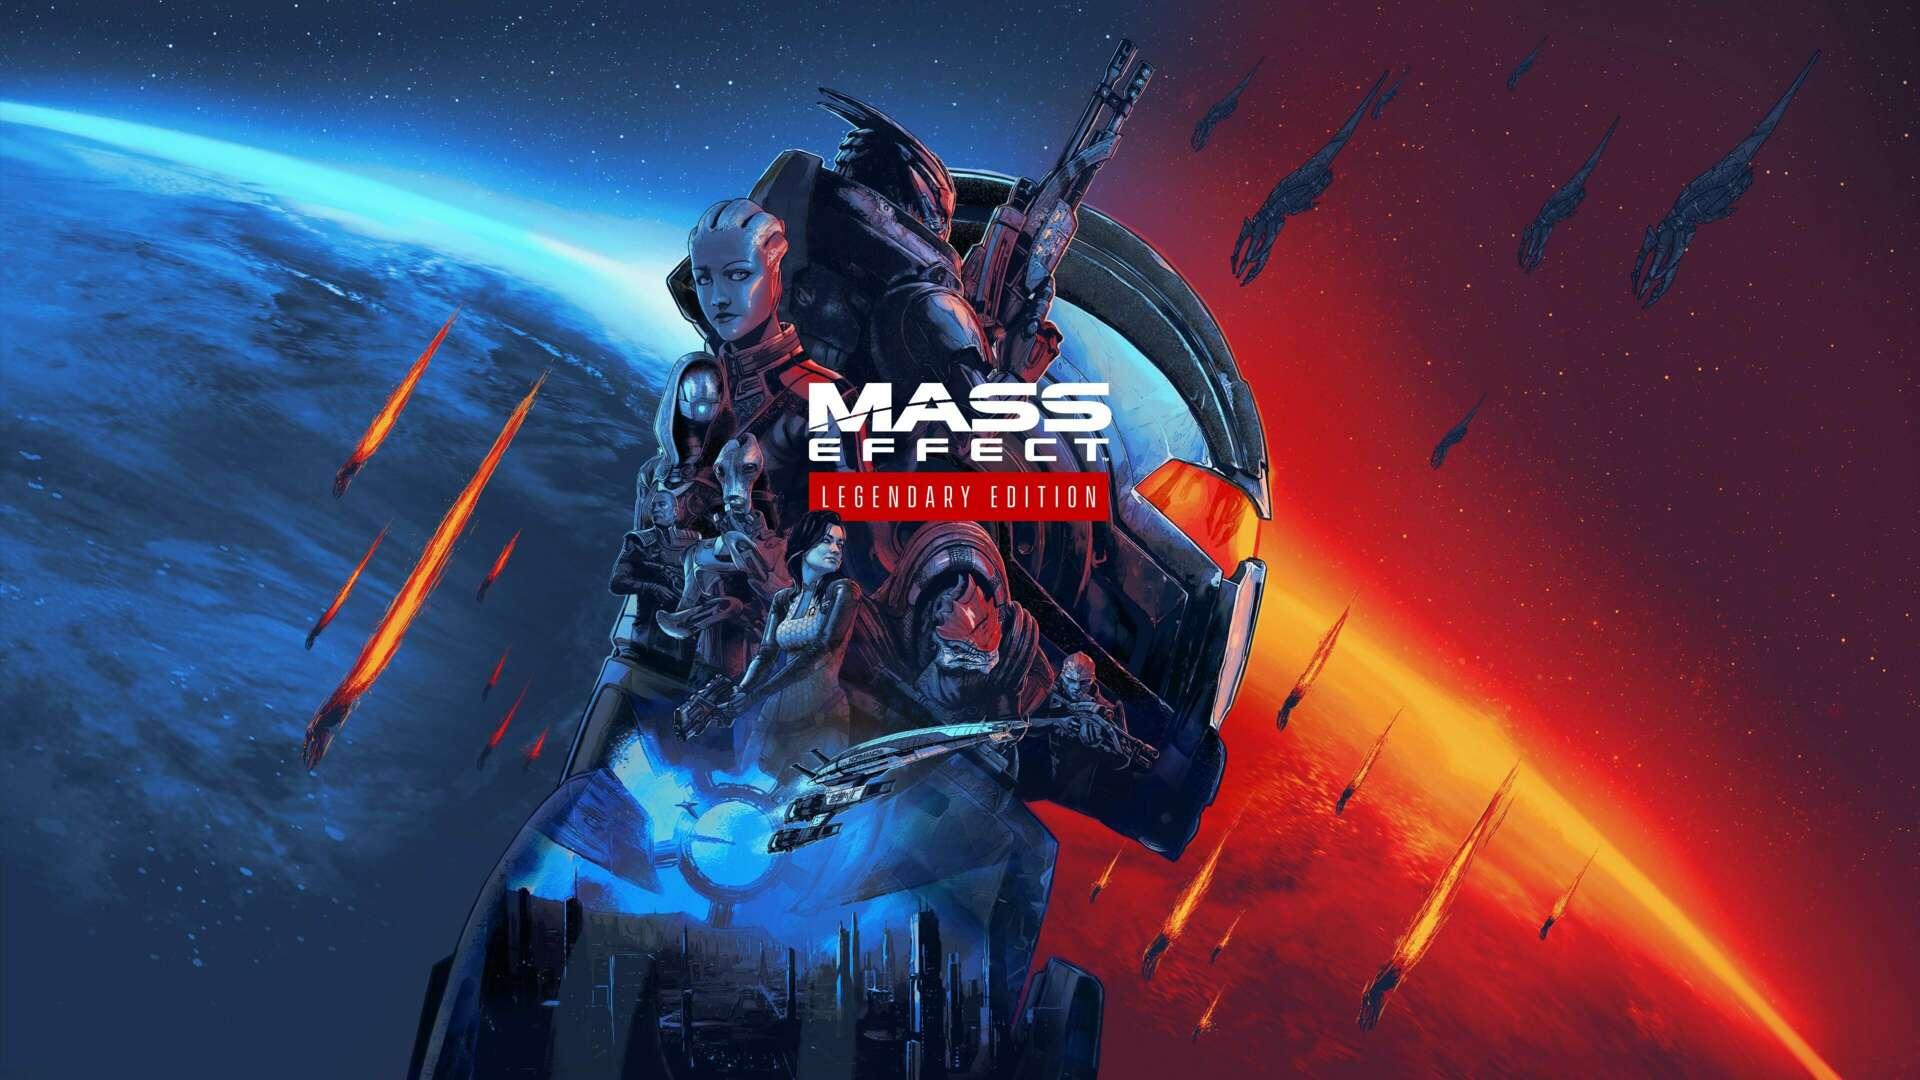 50 تغيير وأربع أسباب تجعل تجربة Mass Effect Legendary Edition حتمية!